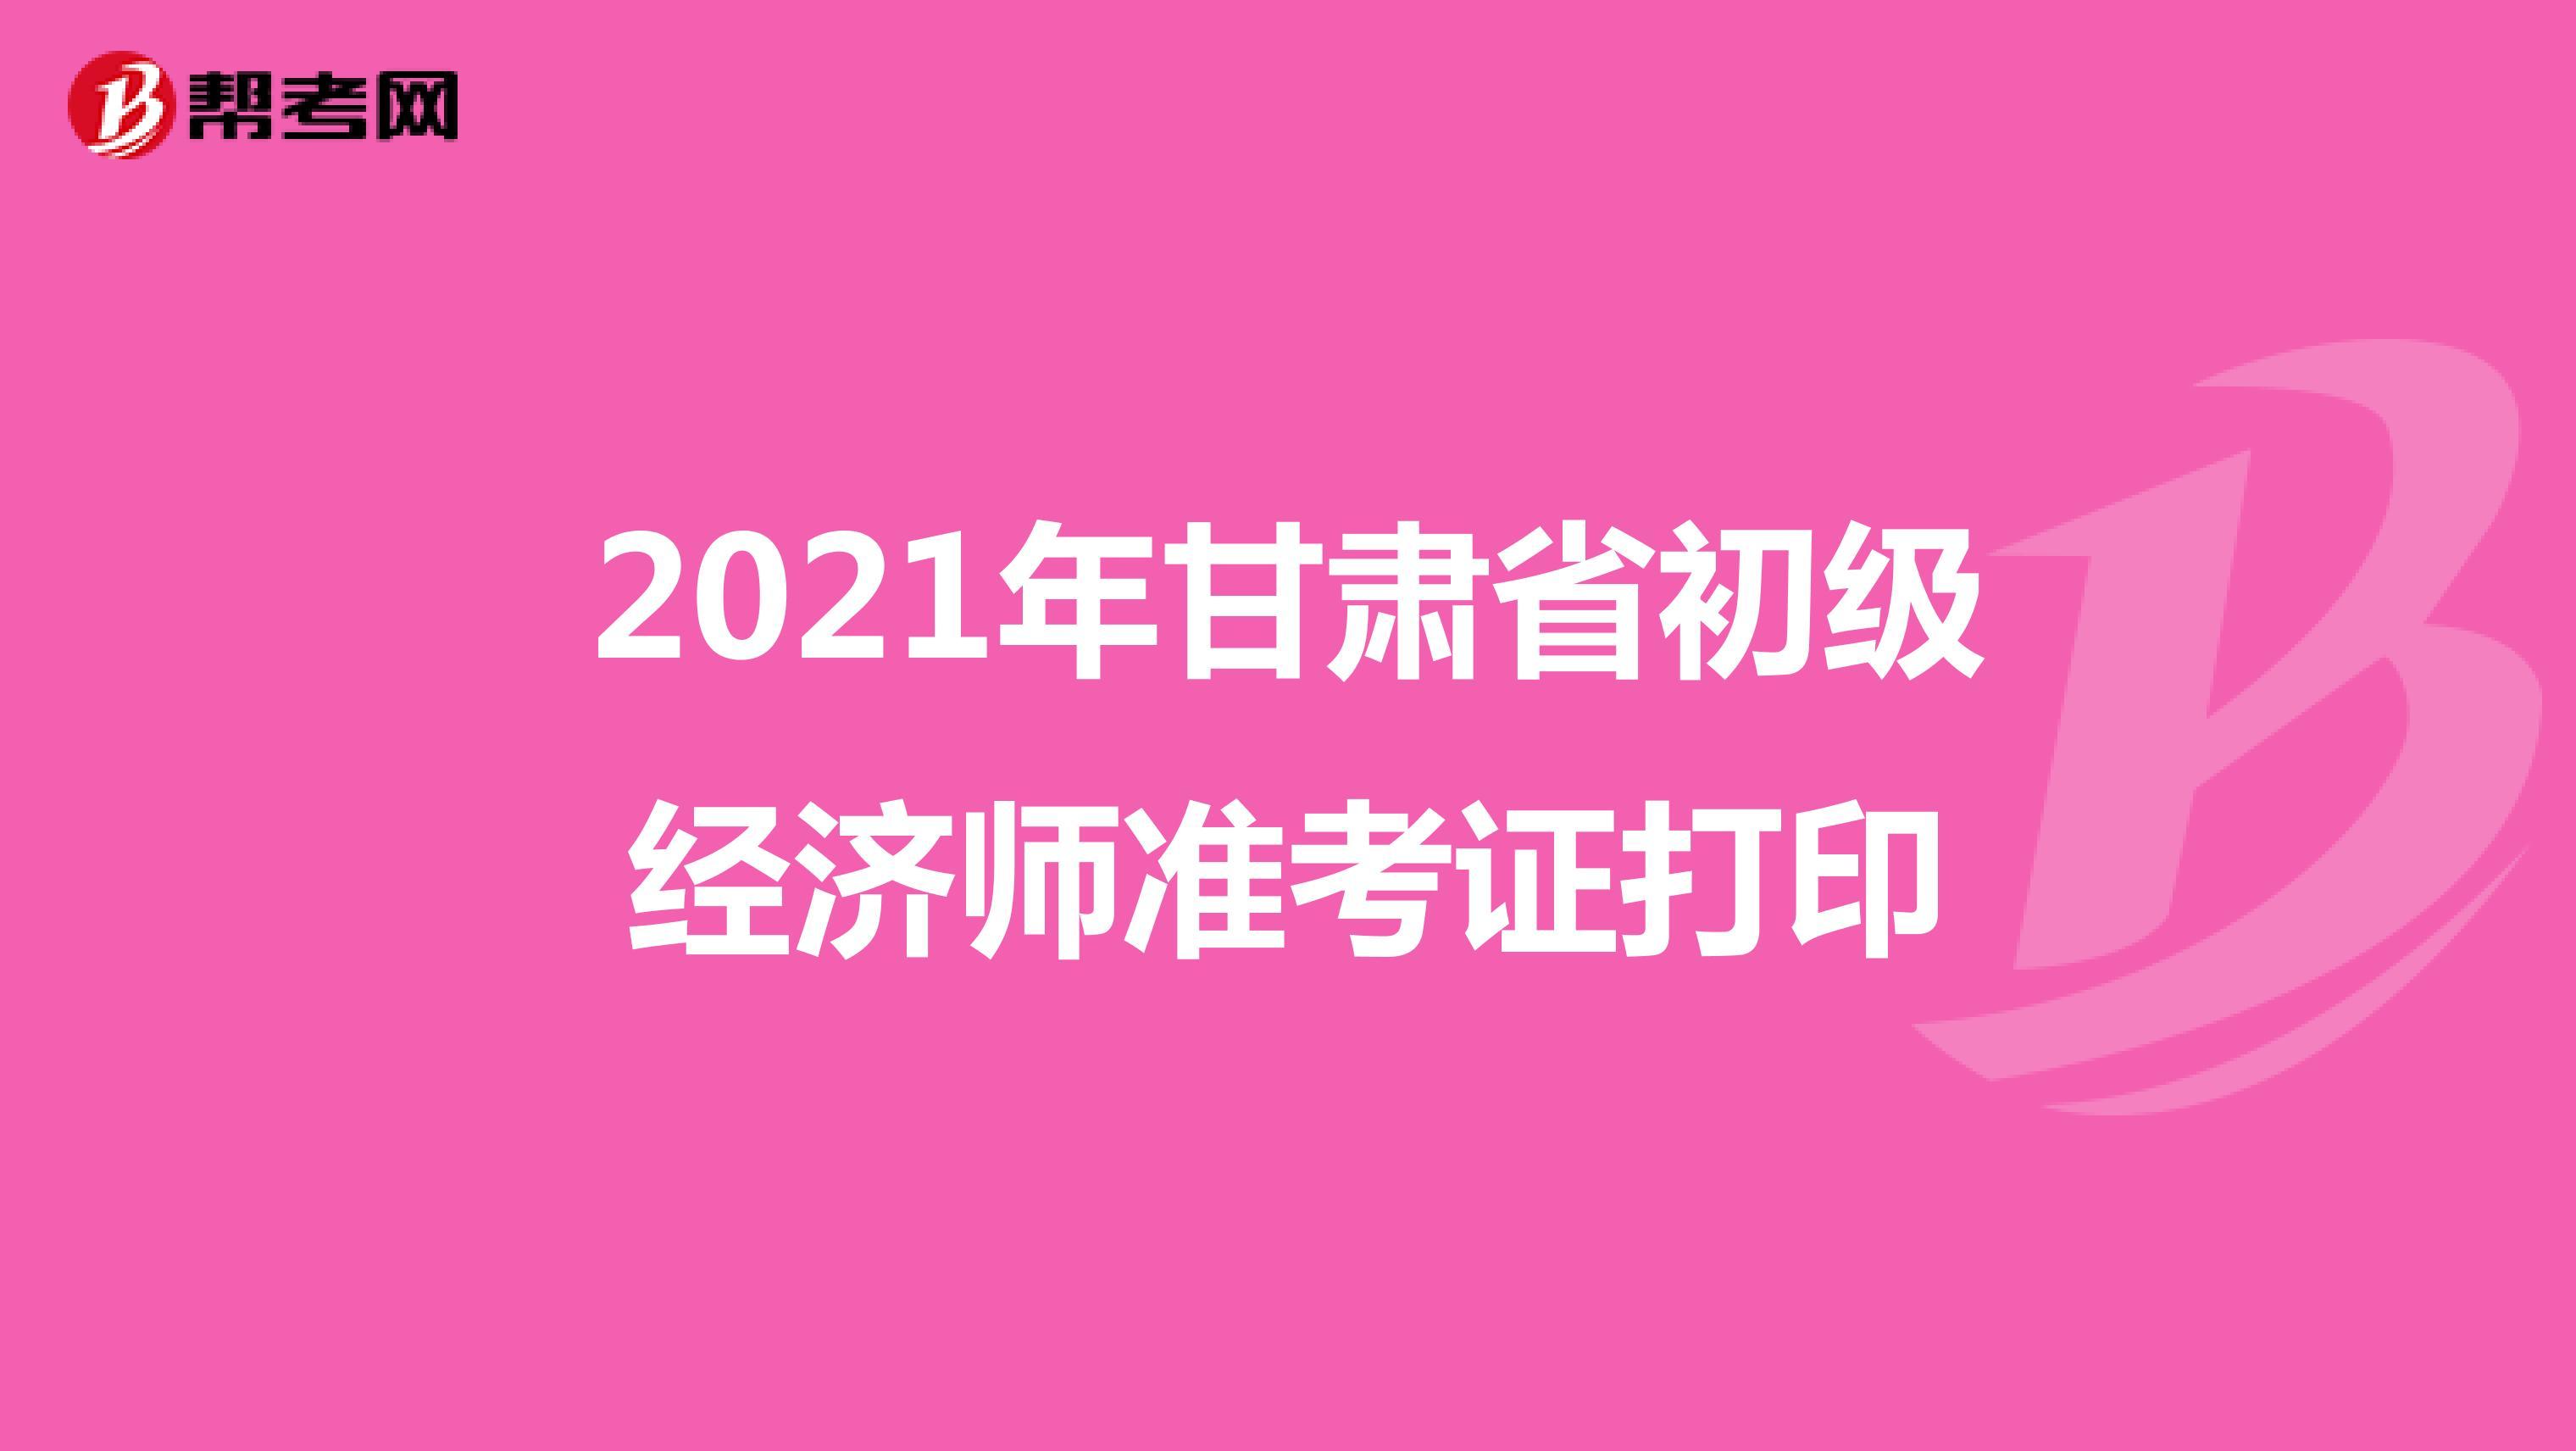 2021年甘肃省初级经济师准考证打印